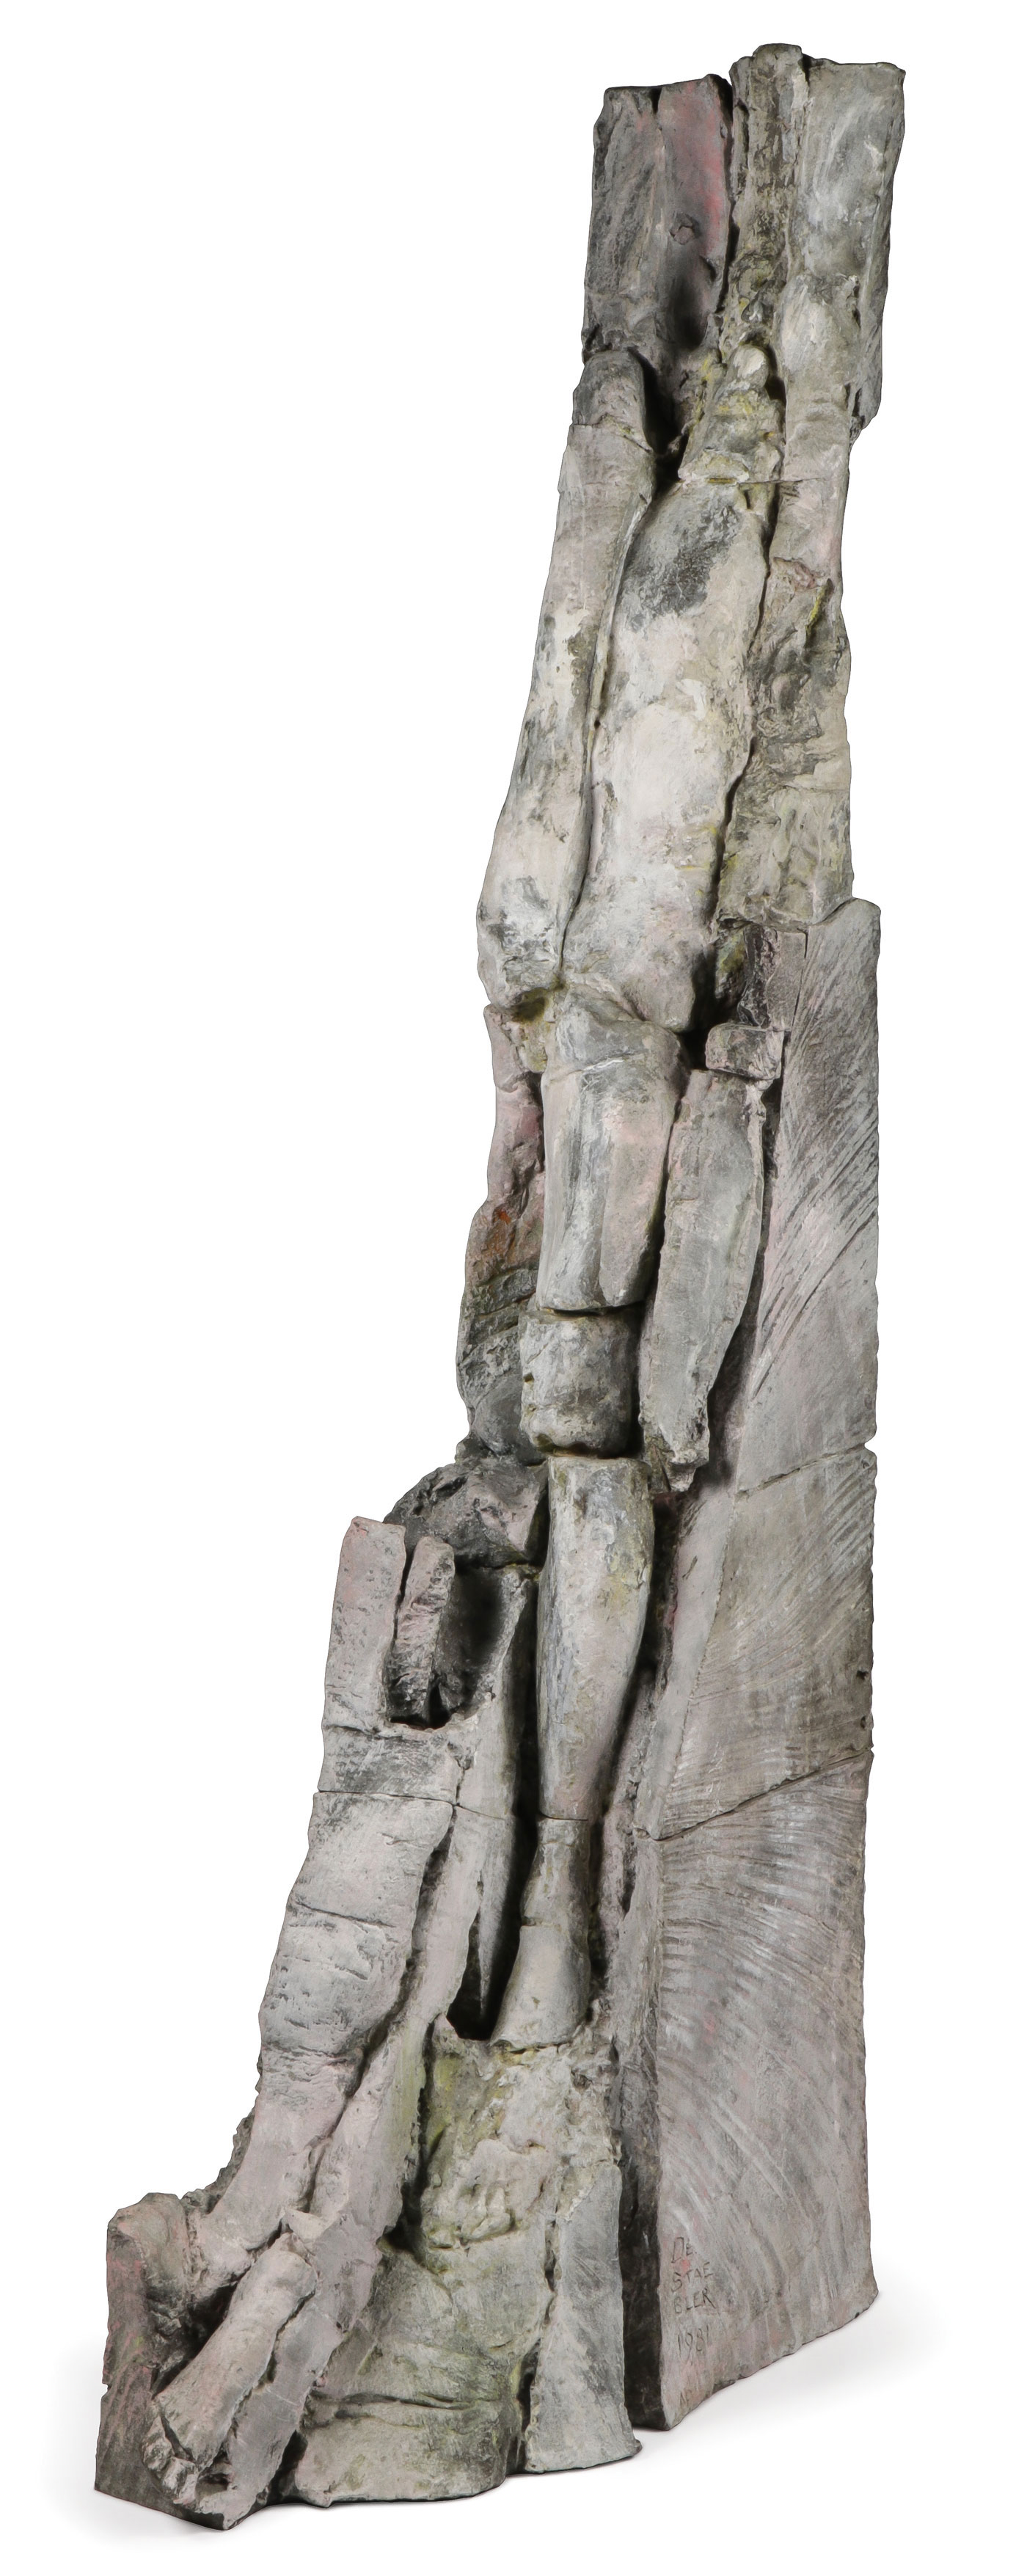 LARGE STEPHEN DE STAEBLER BRONZE - Image 2 of 5